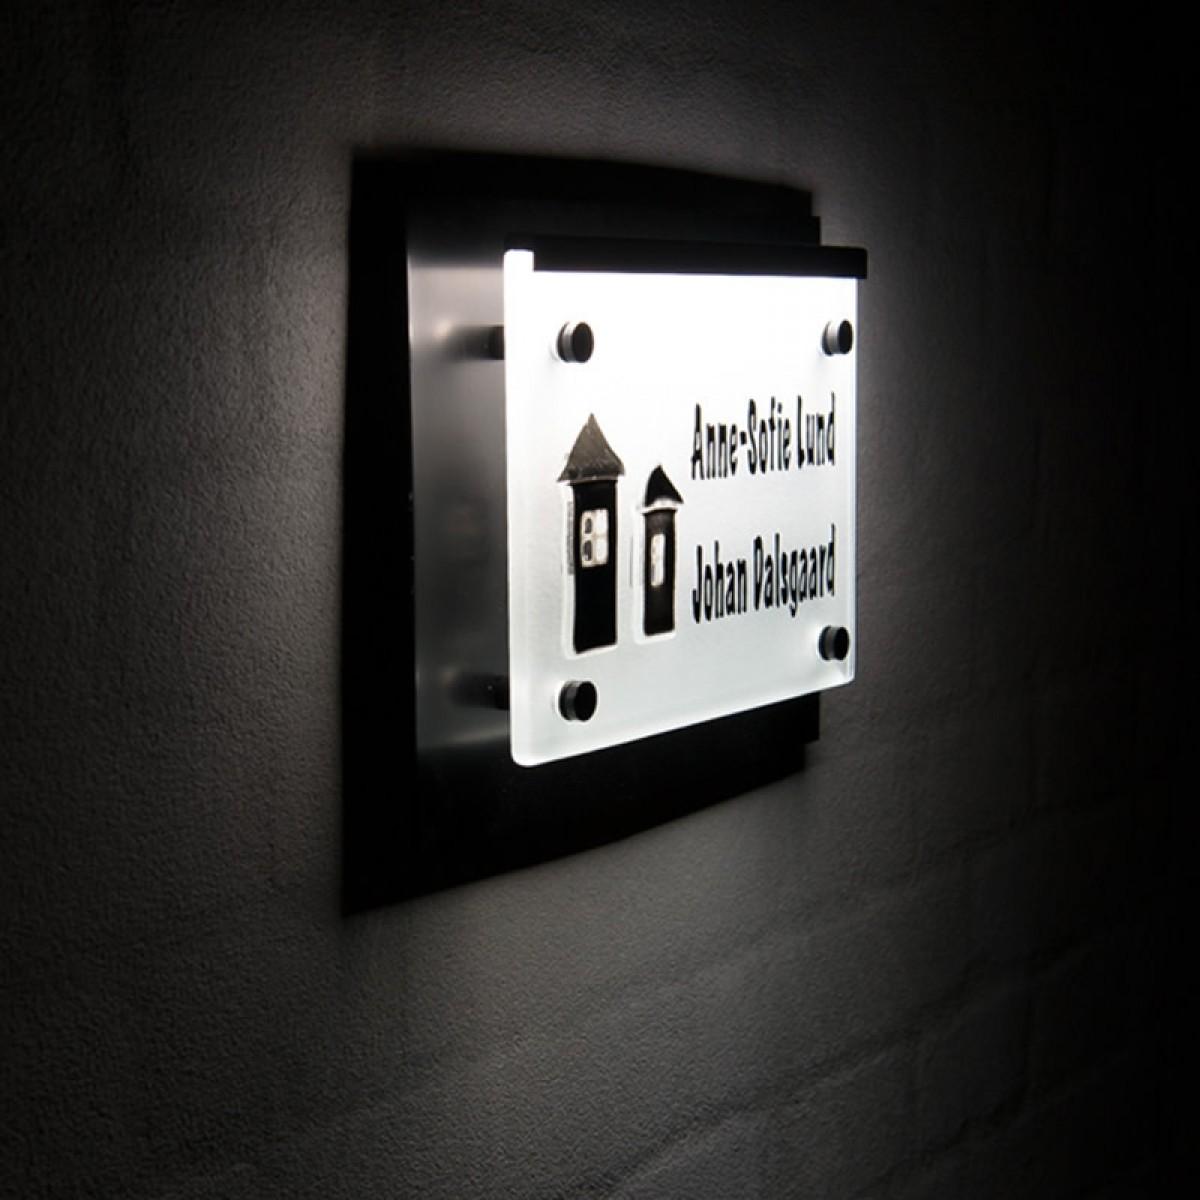 NAVNESKILT 2 HUSE SORT MATTERET GLAS LED LYS-01